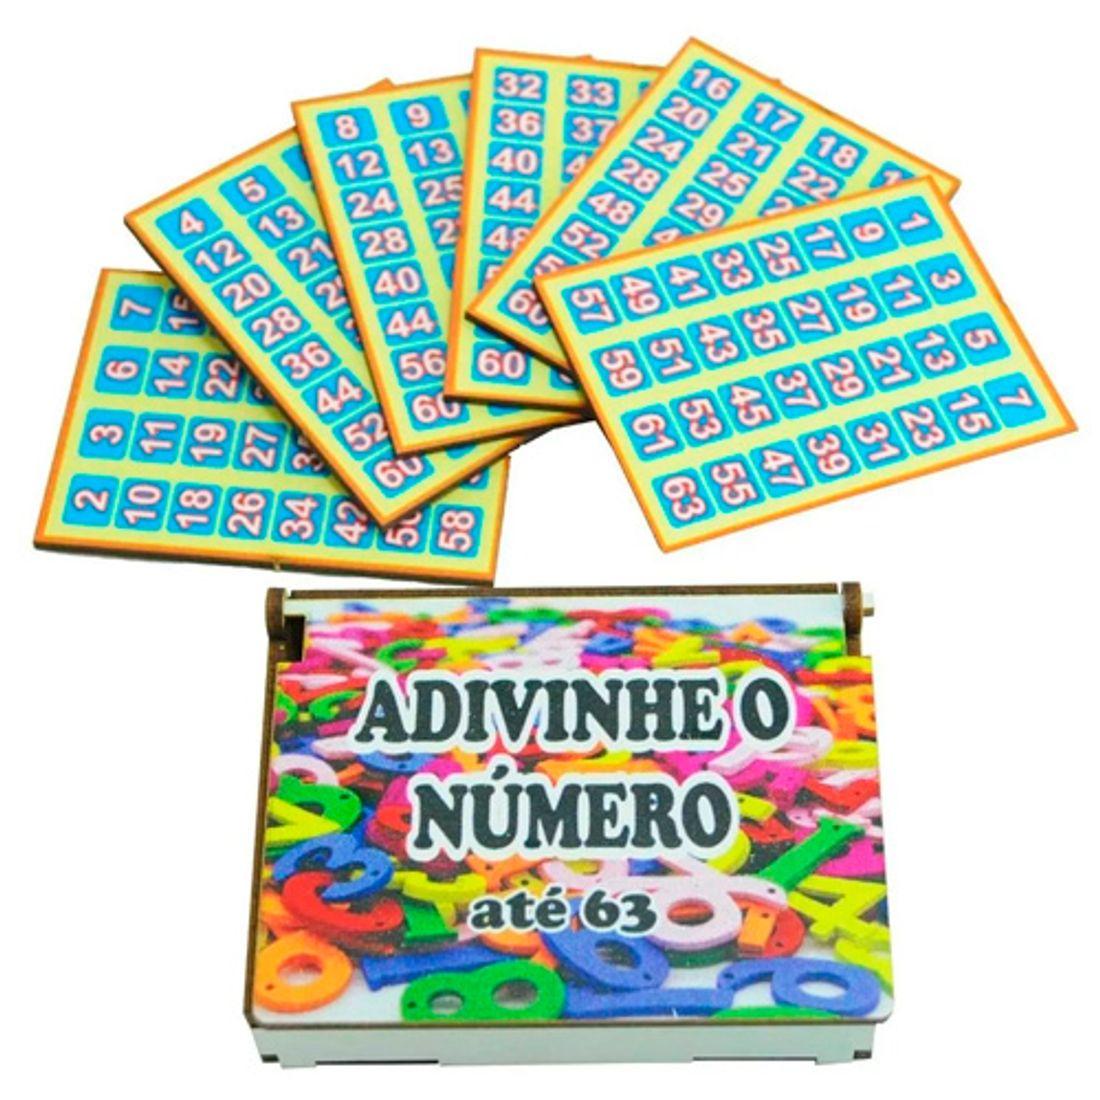 Caixa-Adivinhe-Idade-E-Numero-Ate-63-Brinquedo-Mdf-Adesivado